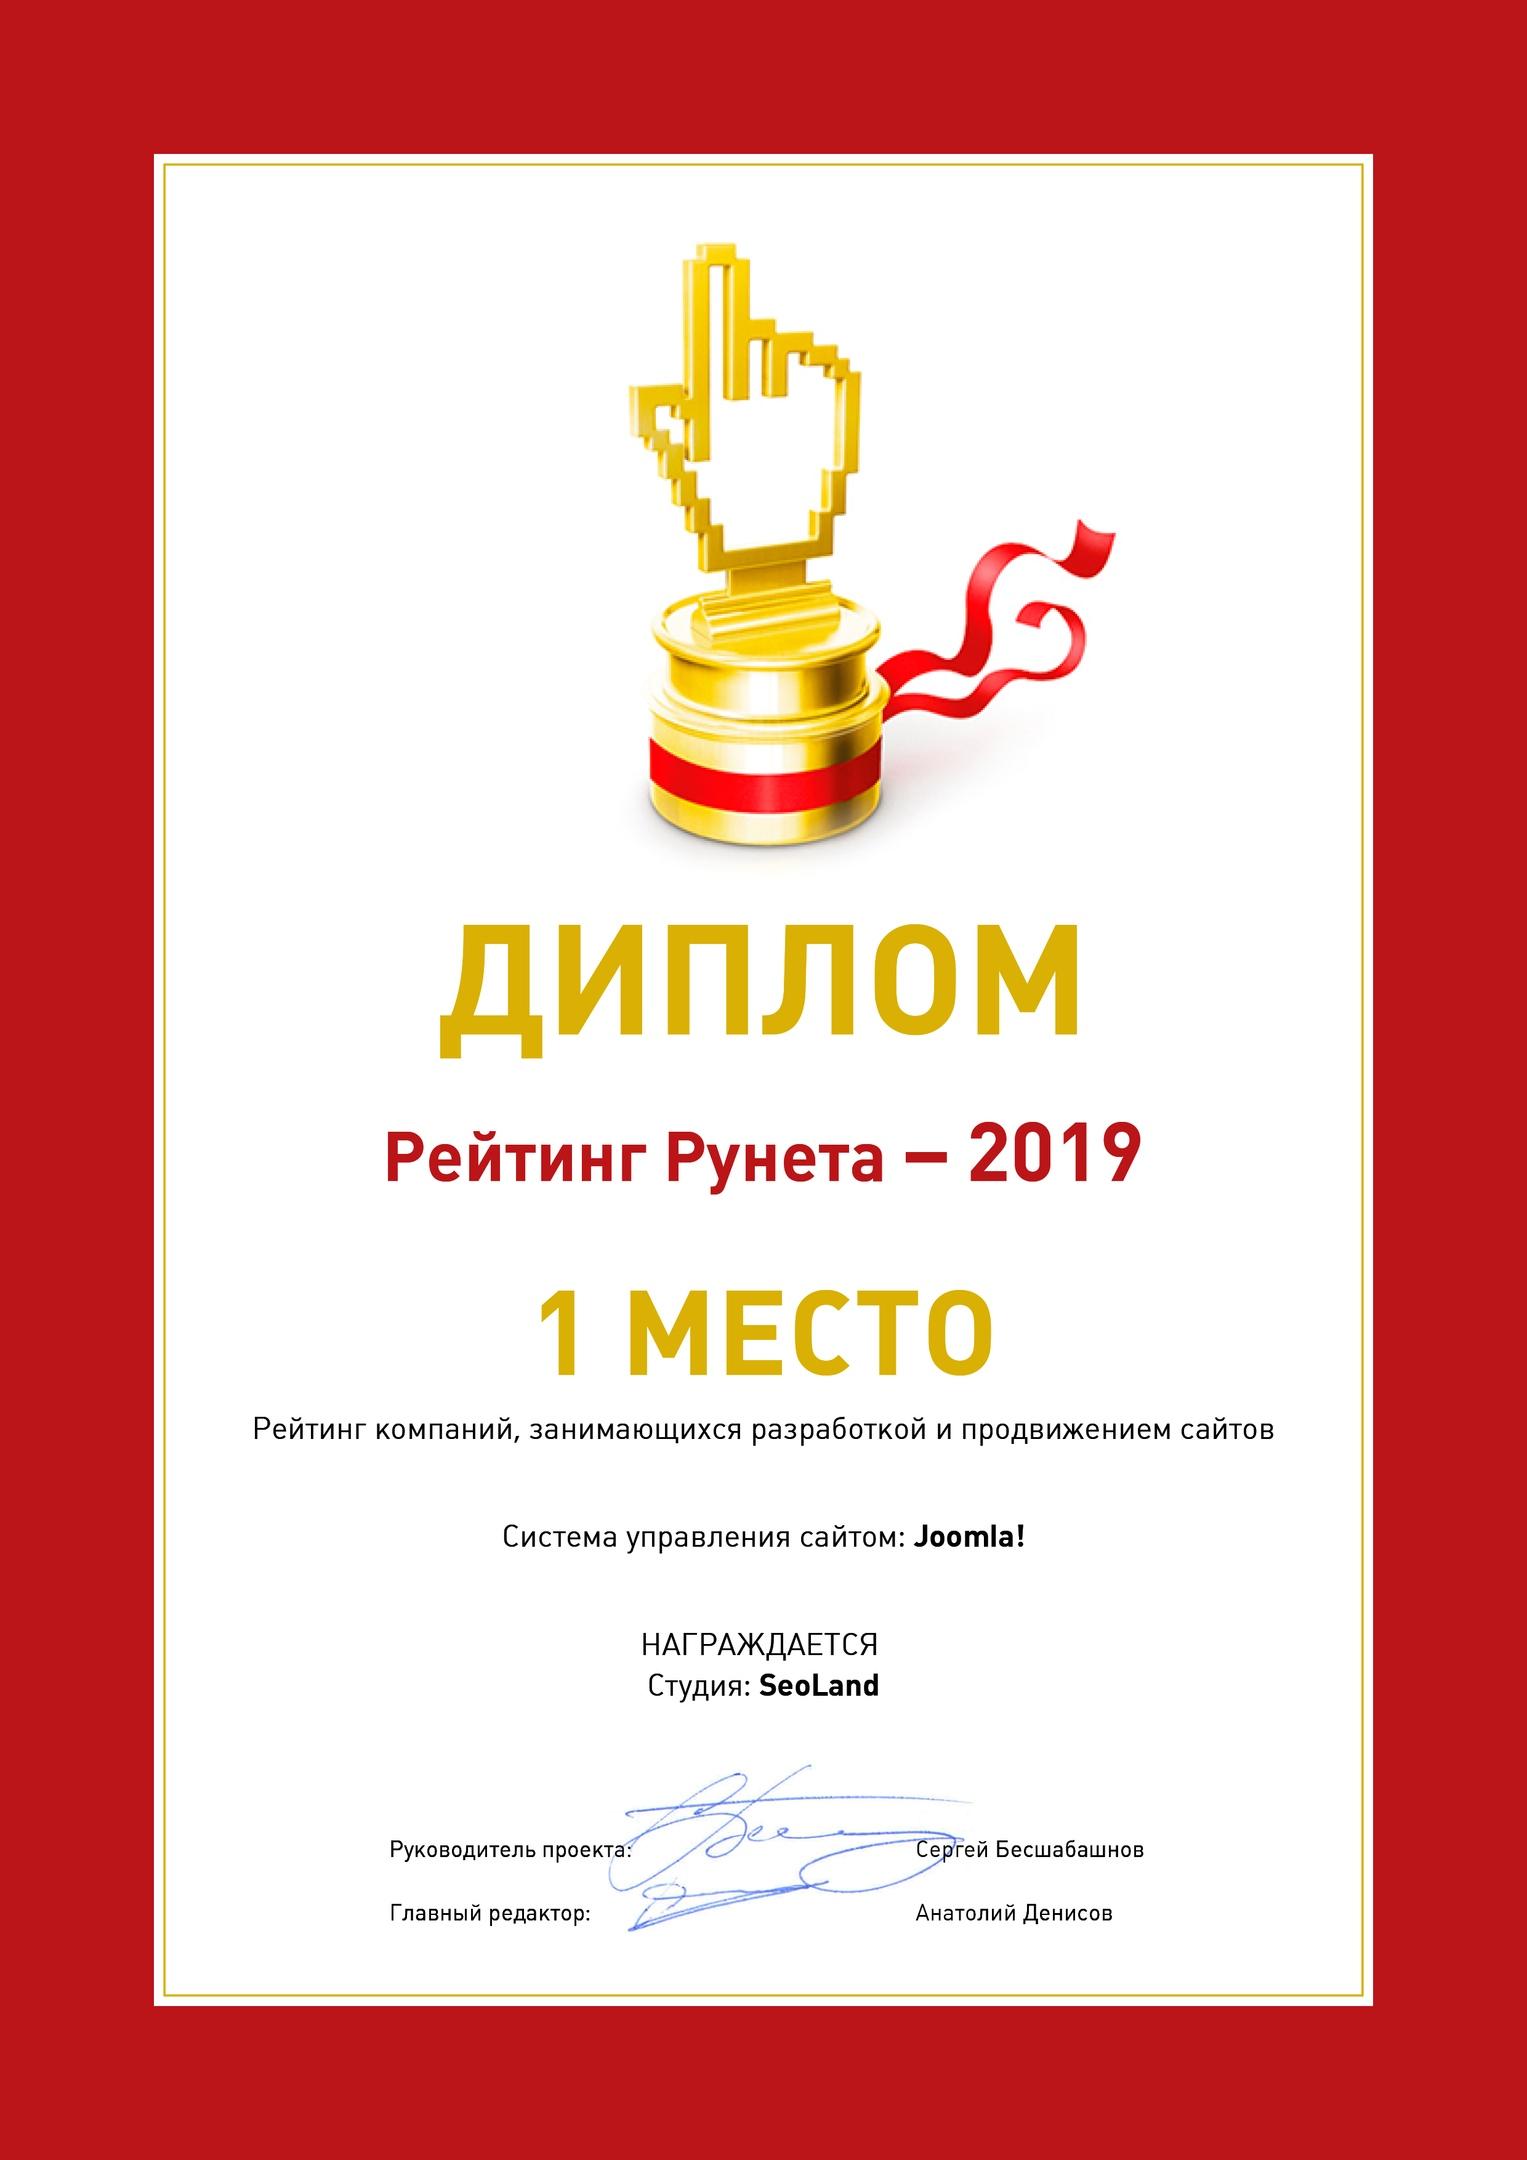 Компания SeoLand заняла 1 место в России среди веб студий.